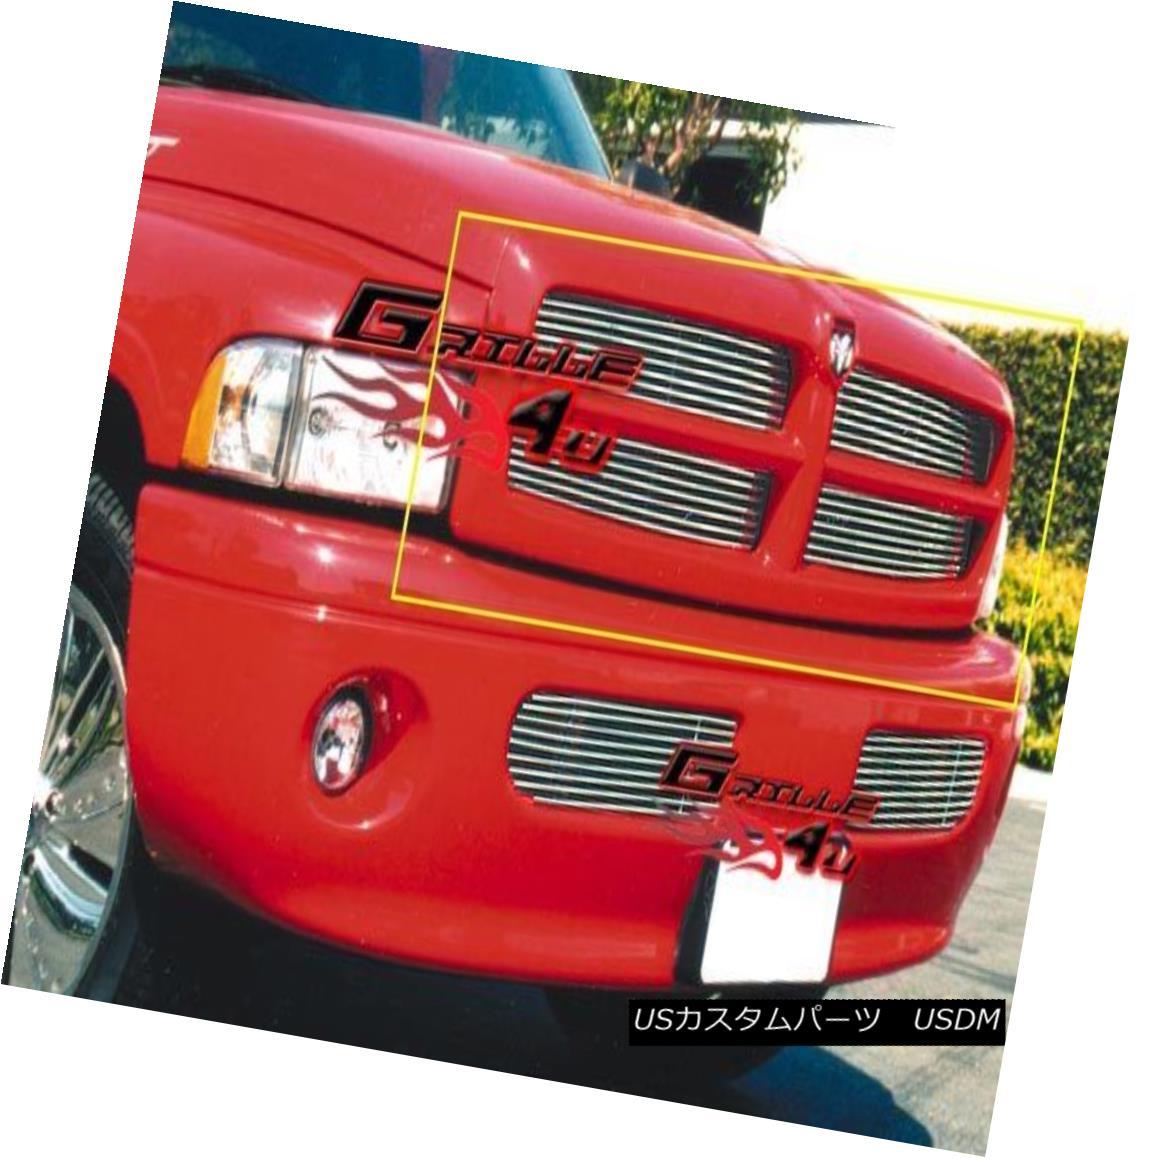 グリル Fits 1999-2001 Dodge Ram Main Upper Billet Grille Insert フィット1999-2001ドッジラムメインアッパービレットグリルインサート